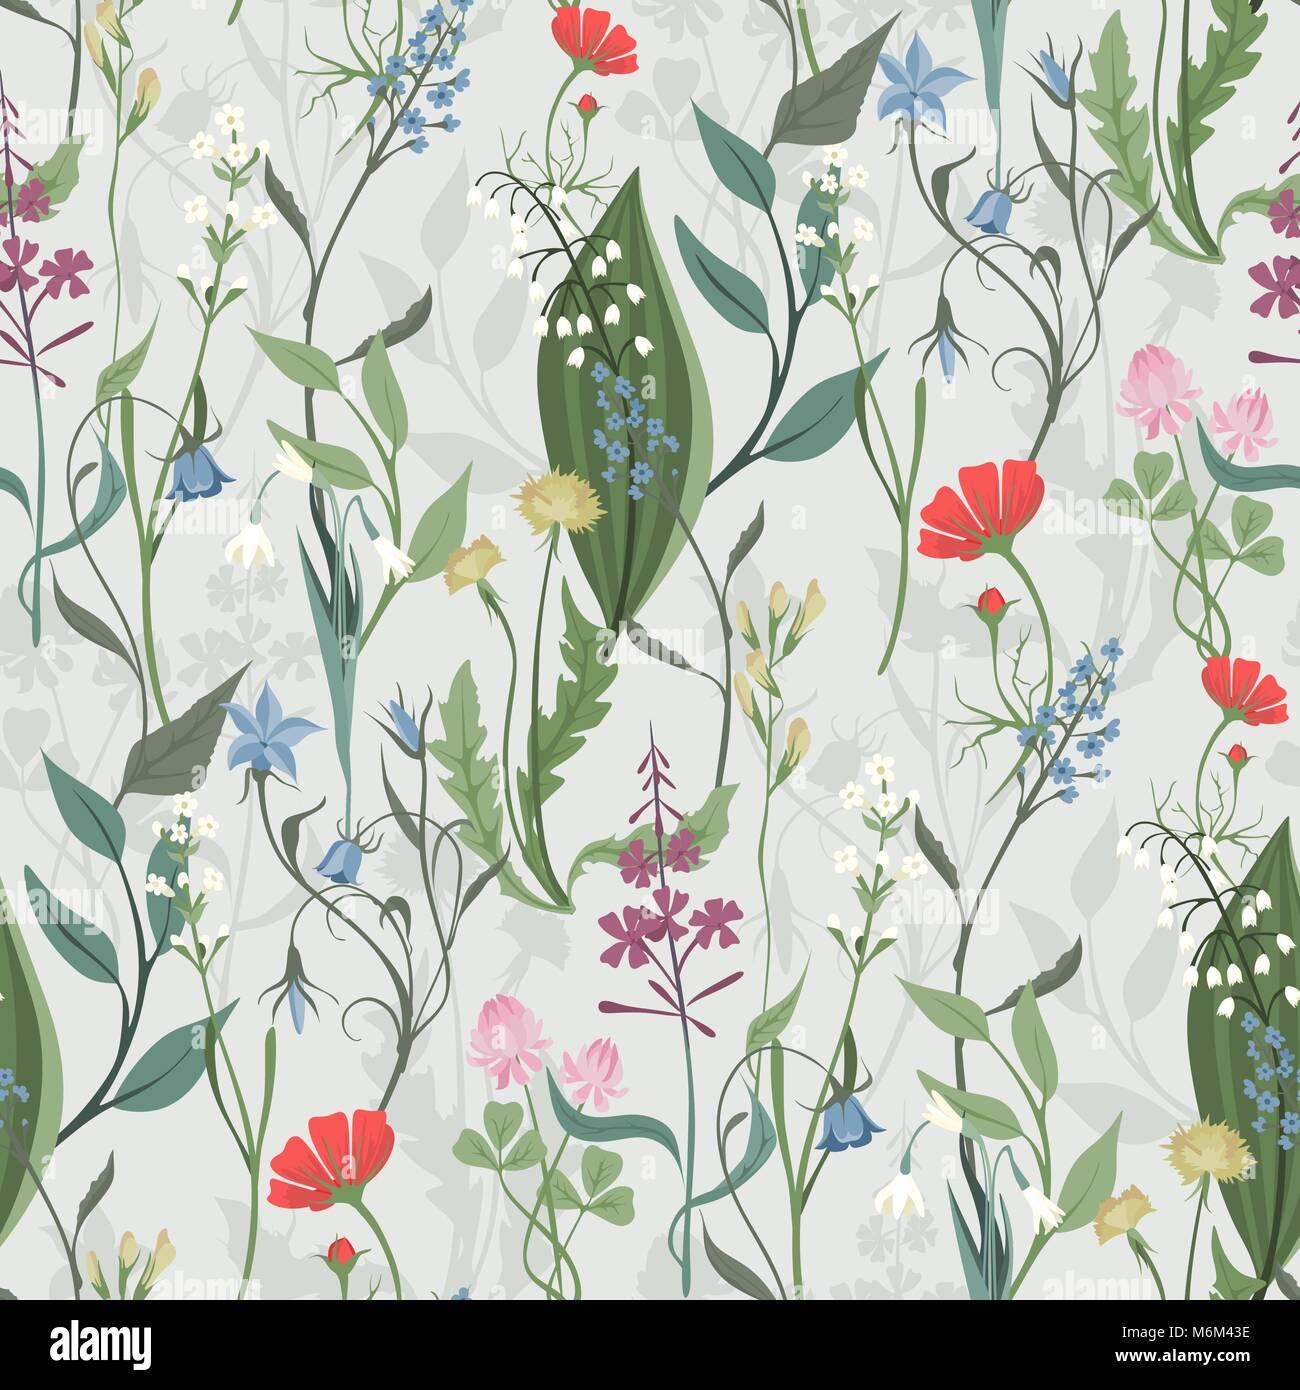 Hierbas Y Flores Silvestres Vector Patron De Textura Fluida Botanica